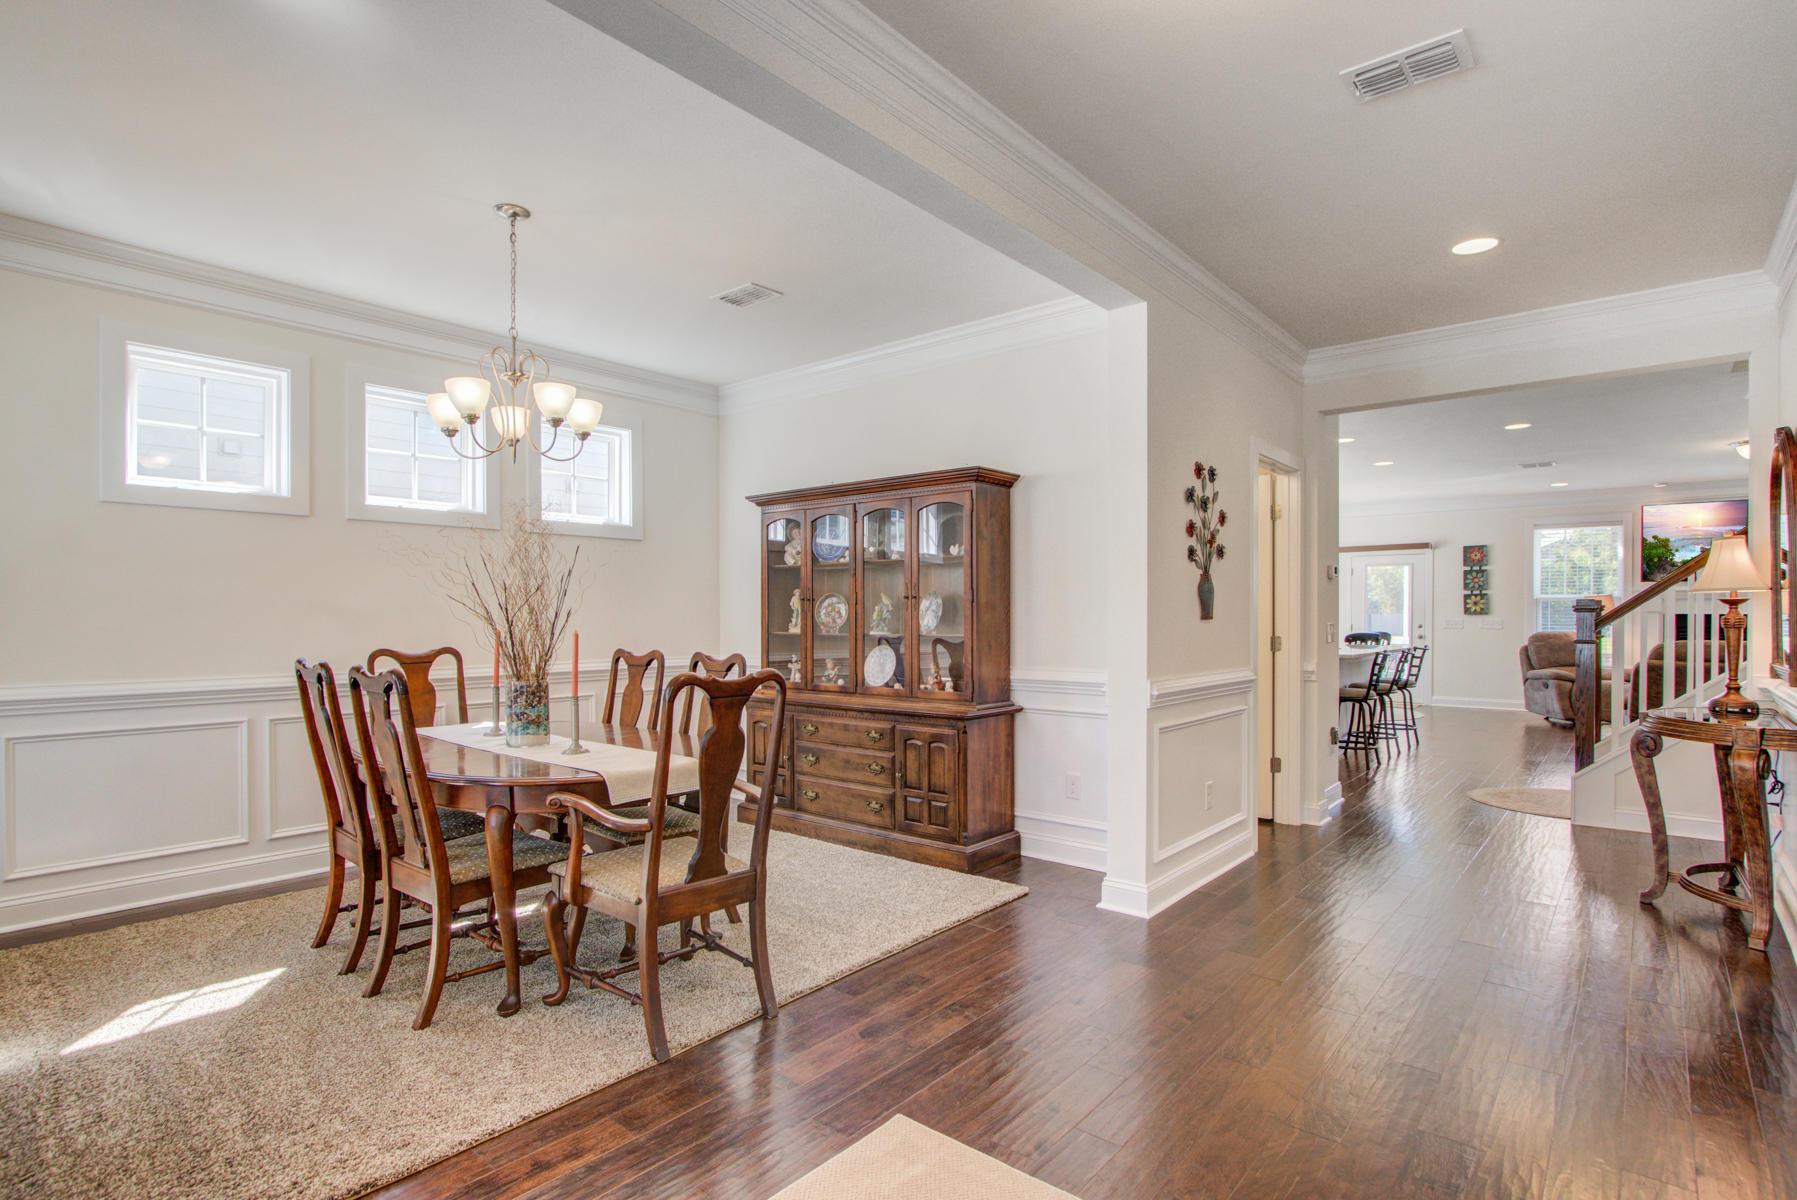 Magnolia Village Homes For Sale - 1309 Enfield, Mount Pleasant, SC - 12